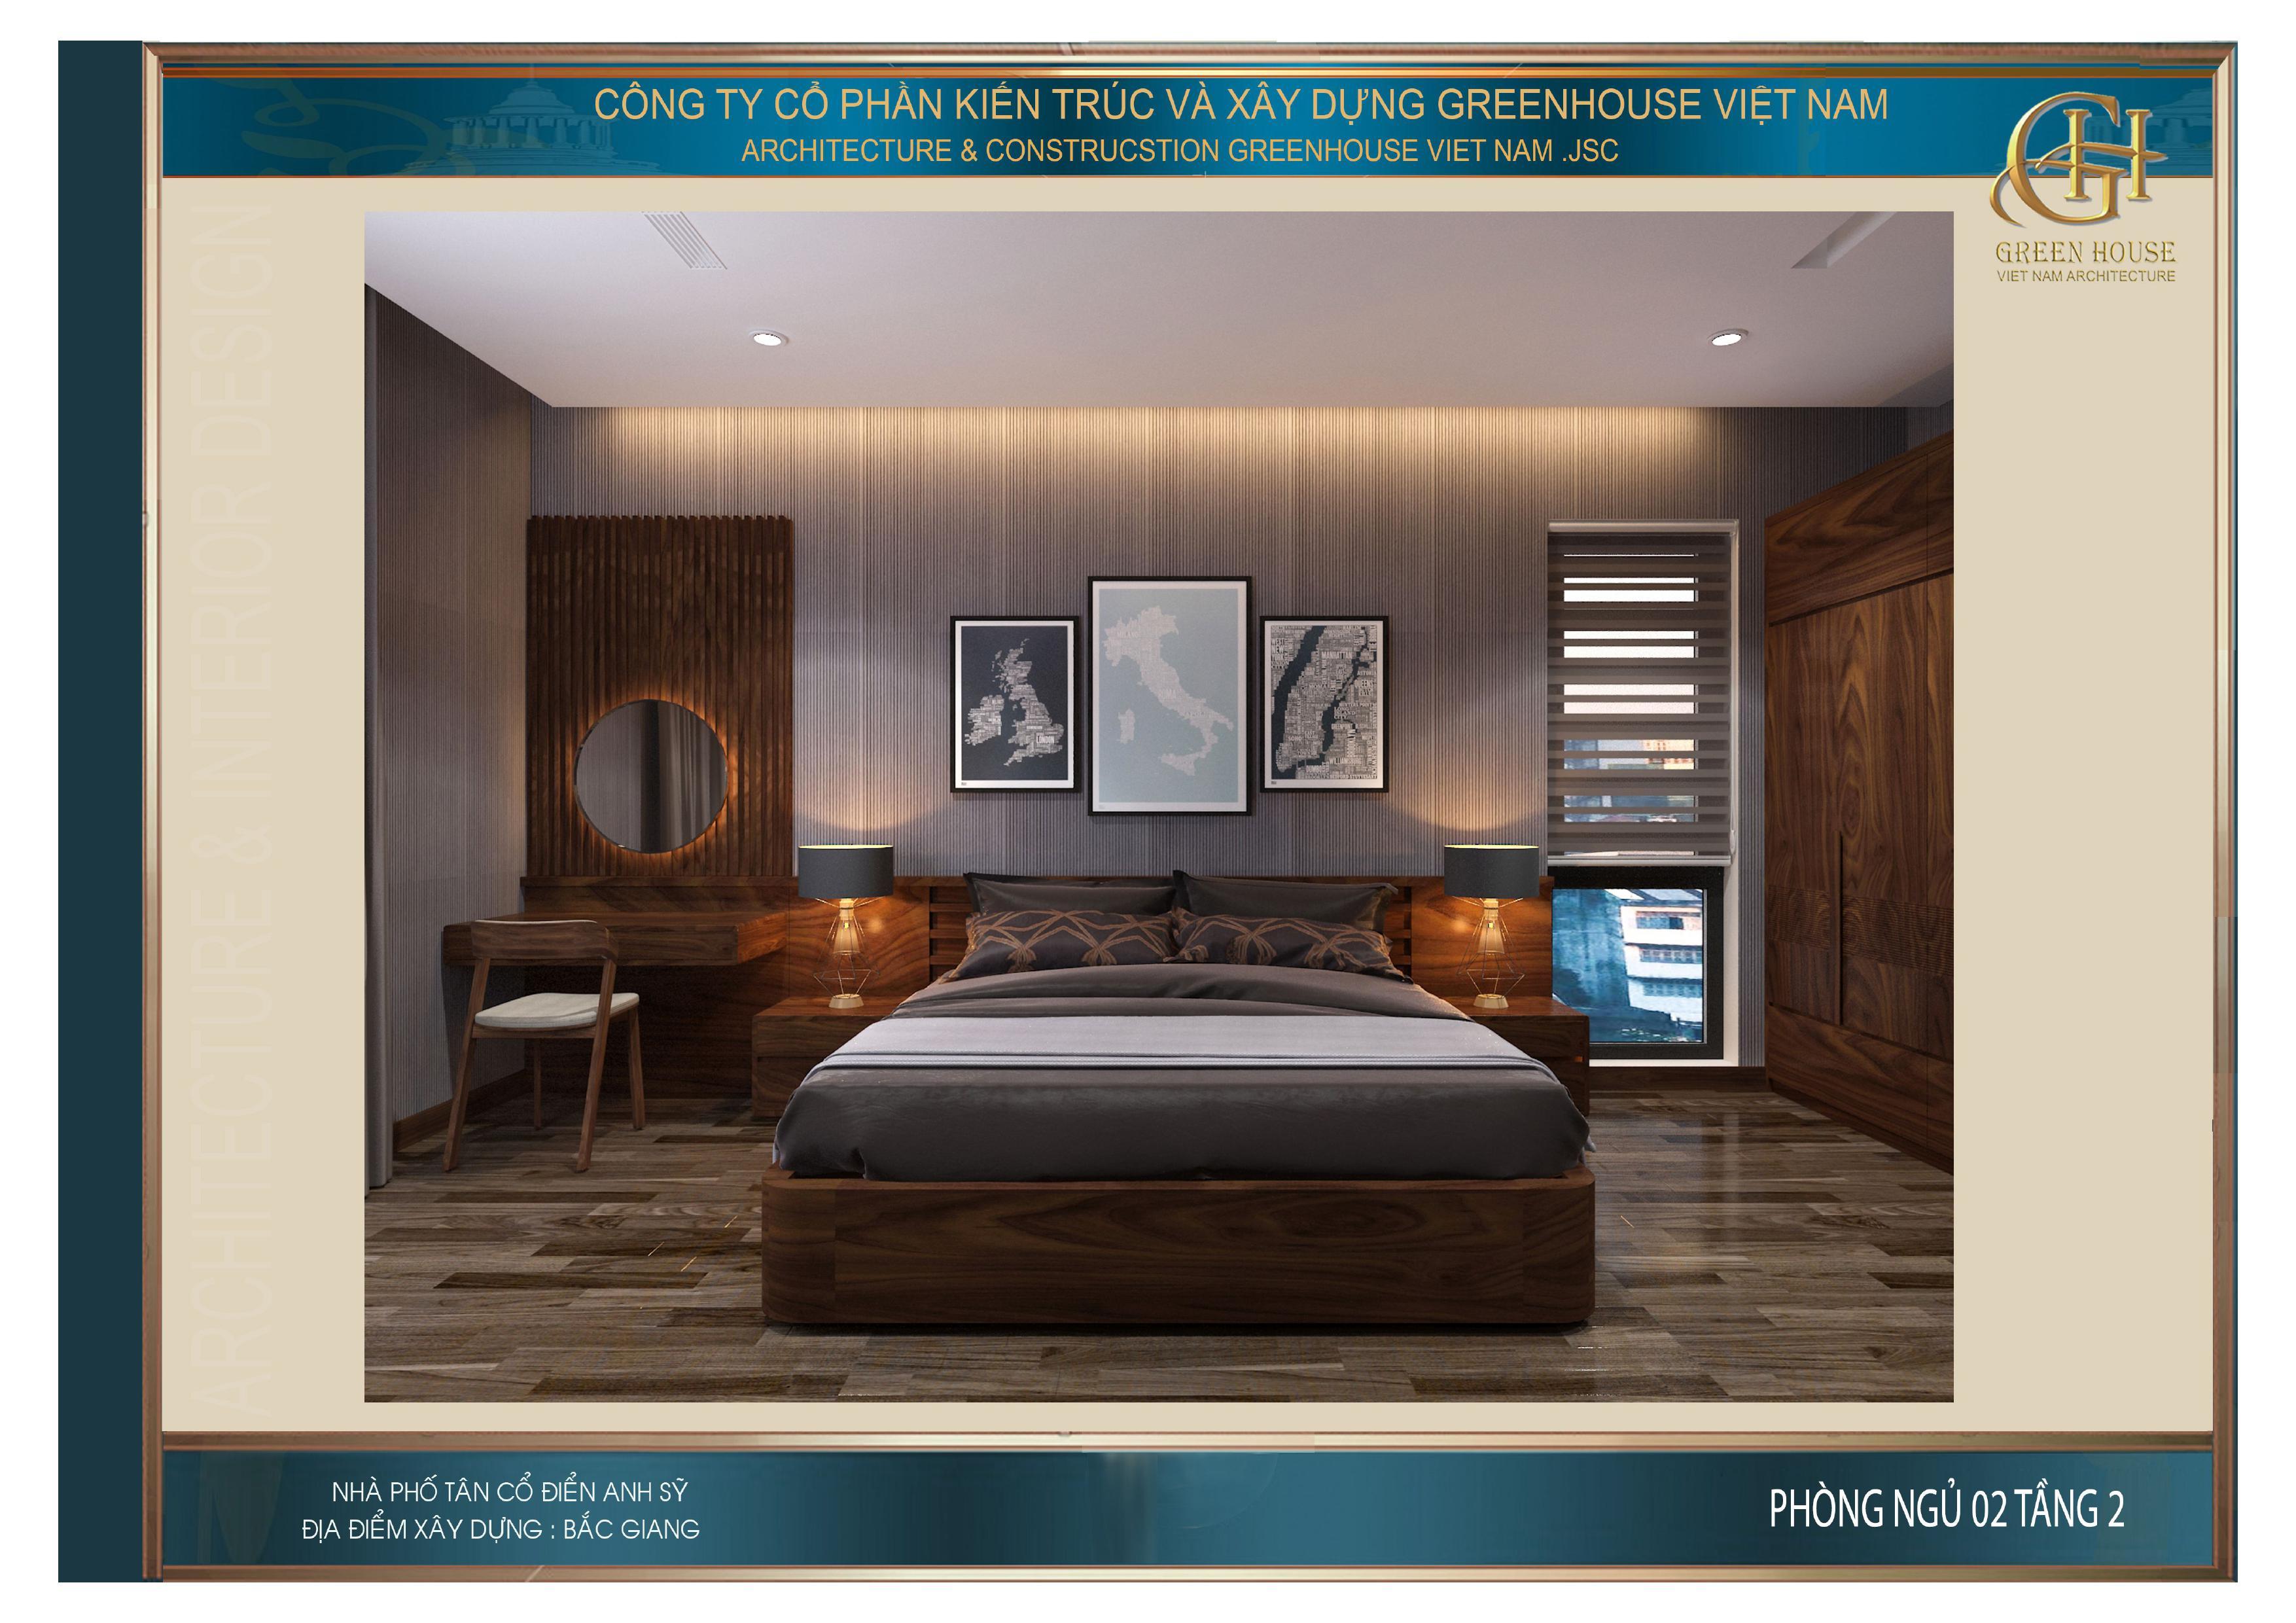 Căn phòng ngủ mang vẻ đẹp sang trọng với đôi nét hoài cổ